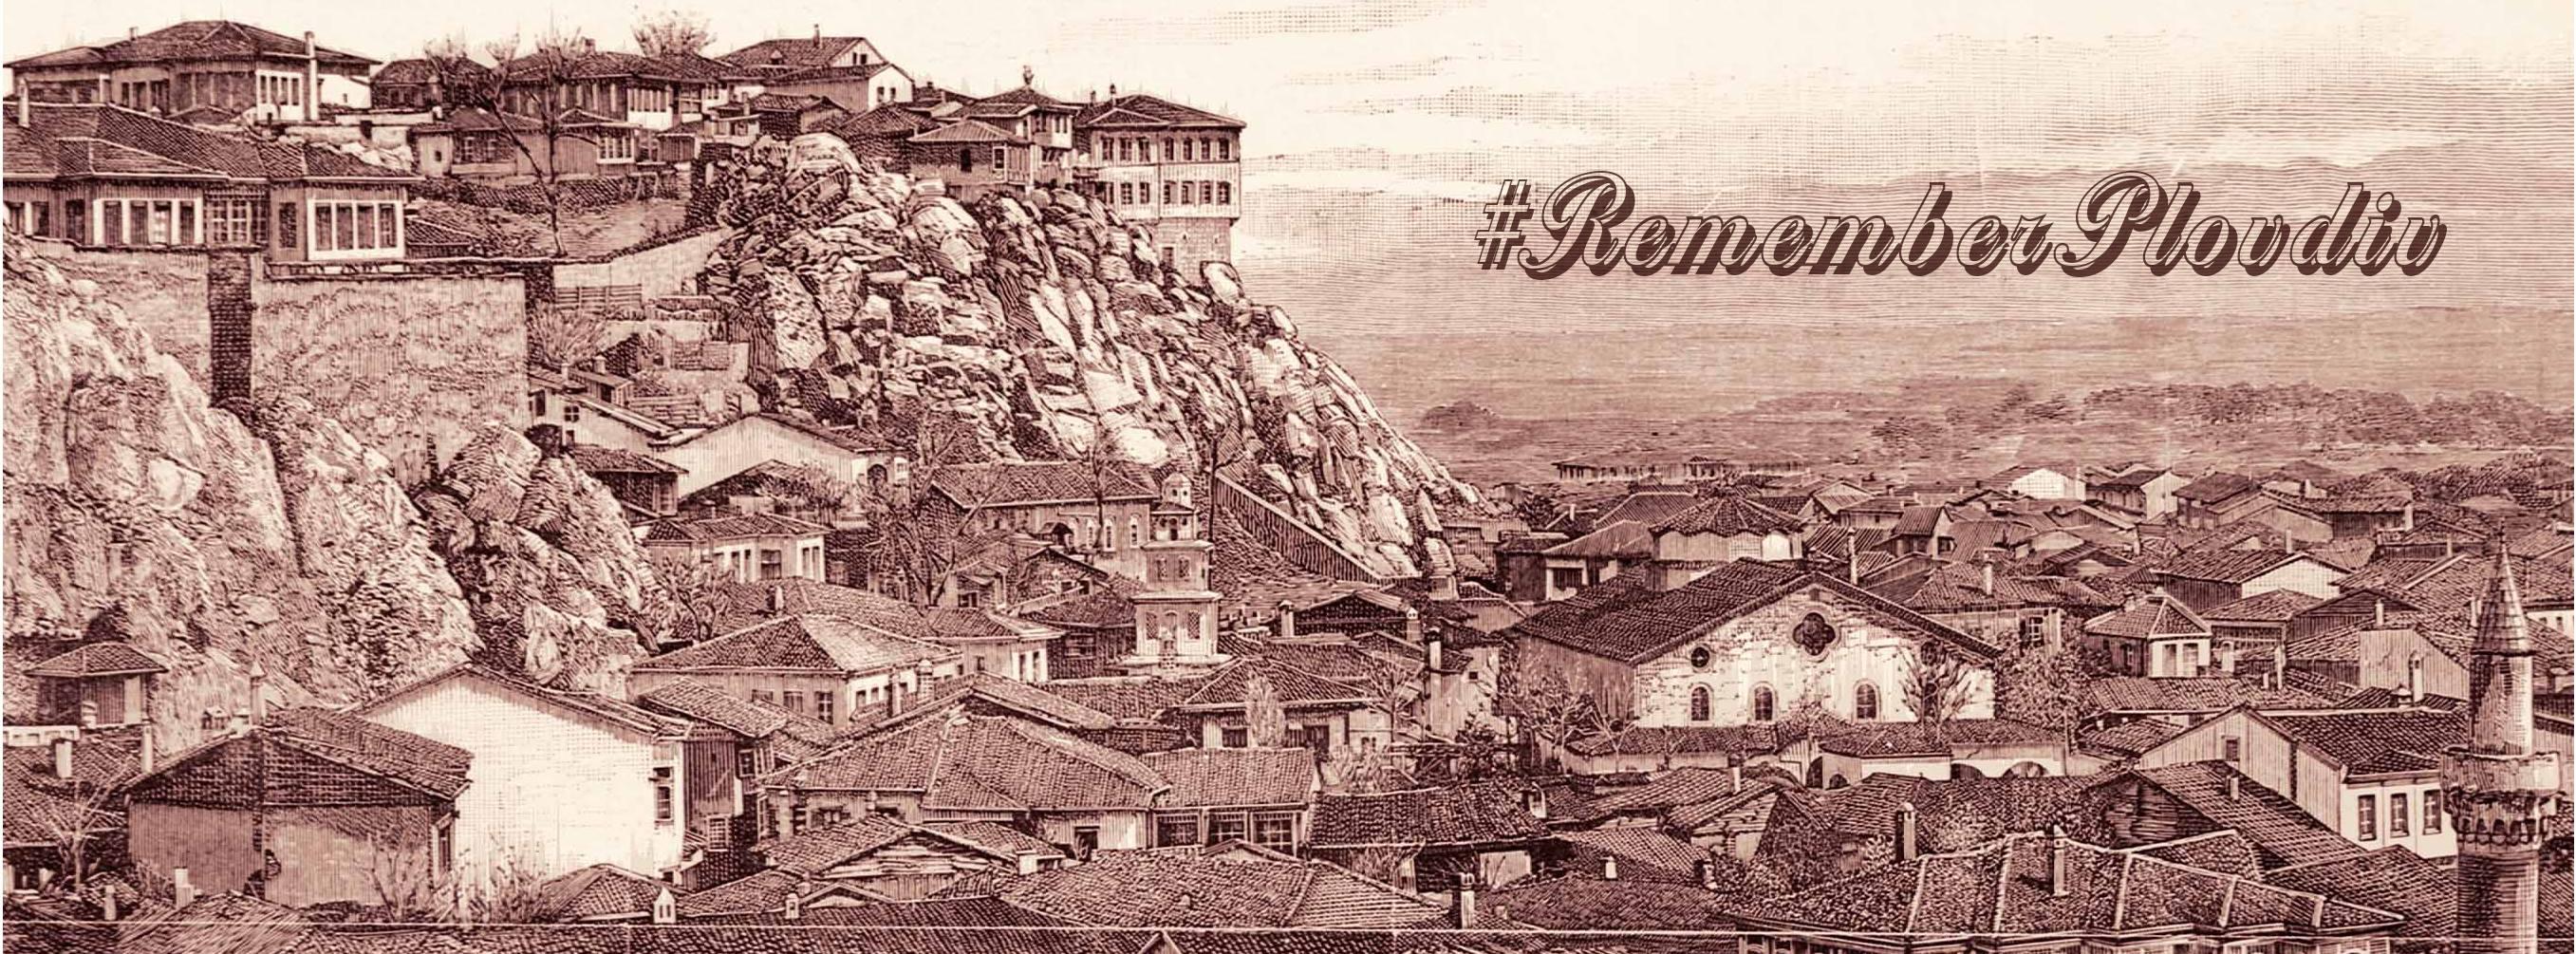 Джамбаз тепе: Чудотворните храмове в Стария Пловдив